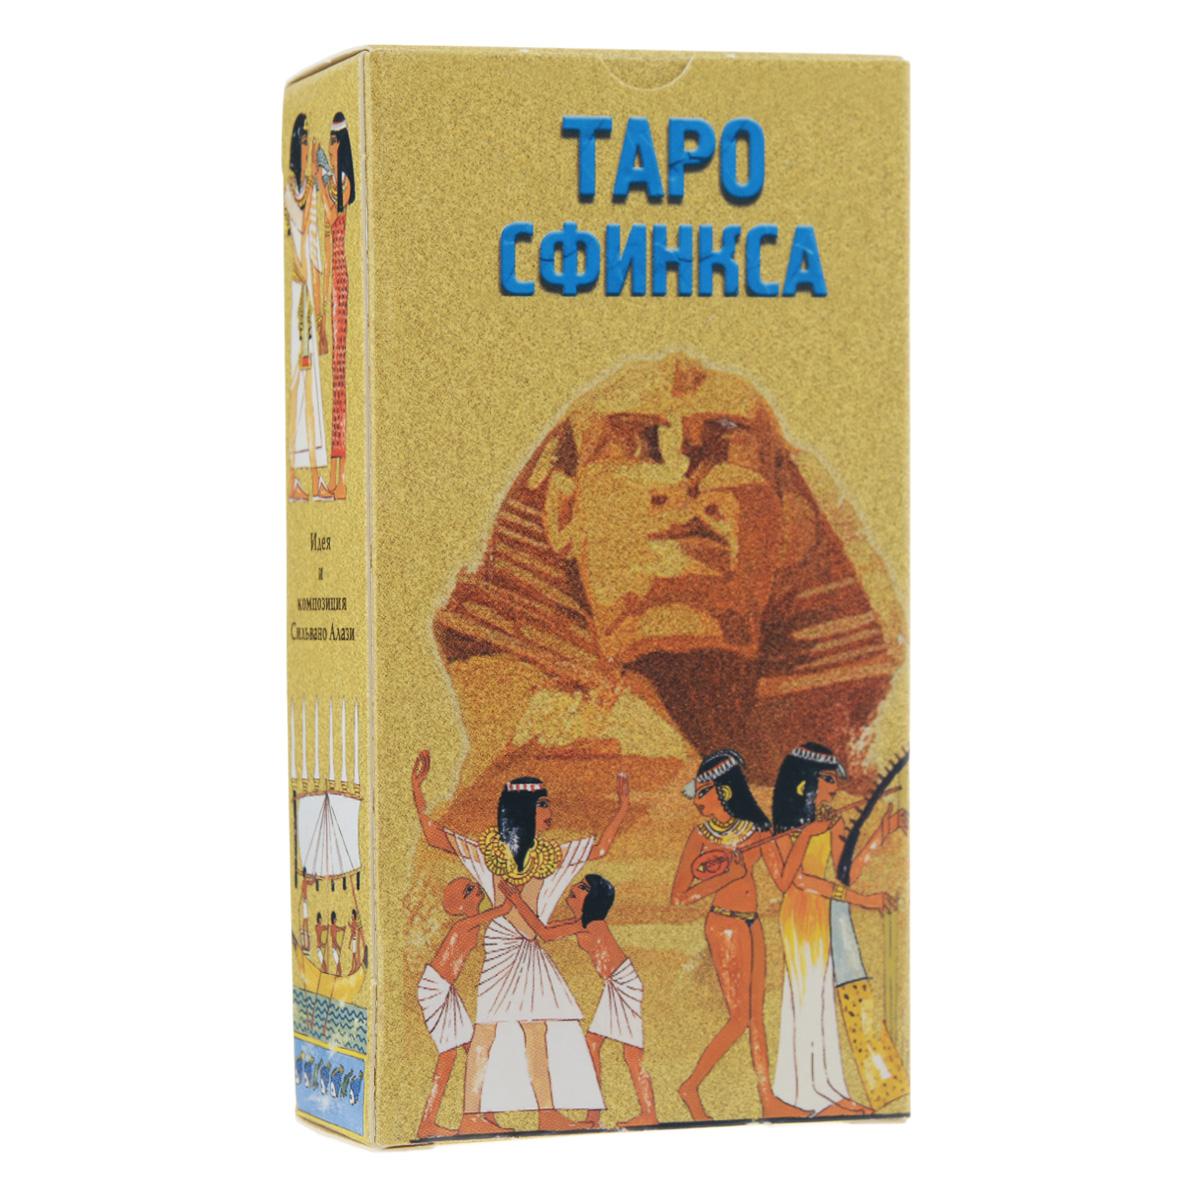 Карты Таро Аввалон-Ло скарабео Таро Сфинкса, инструкция на русском языке. AV22AV22Колода Таро Сфинкса состоит из 78 гадальных картонных карт и подробной инструкции на русском языке. Сфинкс - жемчужина древнеегипетского монументального творчества - тысячи лет охраняет тишину гробниц и свои тайны. Считается, что Сфинкс сторожит вход в загробный мир. Благодаря этой великолепной колоде, оформленной изображениями древнеегипетских фресок и папирусов, завеса тайн Сфинкса приоткроется для вас. Карты Таро - система символов, колода из 78 карт, появившаяся в Средневековье в XIV-XVI веке, в наши дни используется преимущественно для гадания. Изображения на картах Таро имеют свою особую символику и сложное истолкование с точки зрения астрологии, оккультизма и алхимии, поэтому традиционно Таро связывается с тайным знанием и считается загадочным. Гадание на картах Таро на сегодняшний день являются самым распространенным способом гадания. Оно представляет собой совокупность знаний, мастерства и интуитивных чувств нашего разума. С помощью него можно...